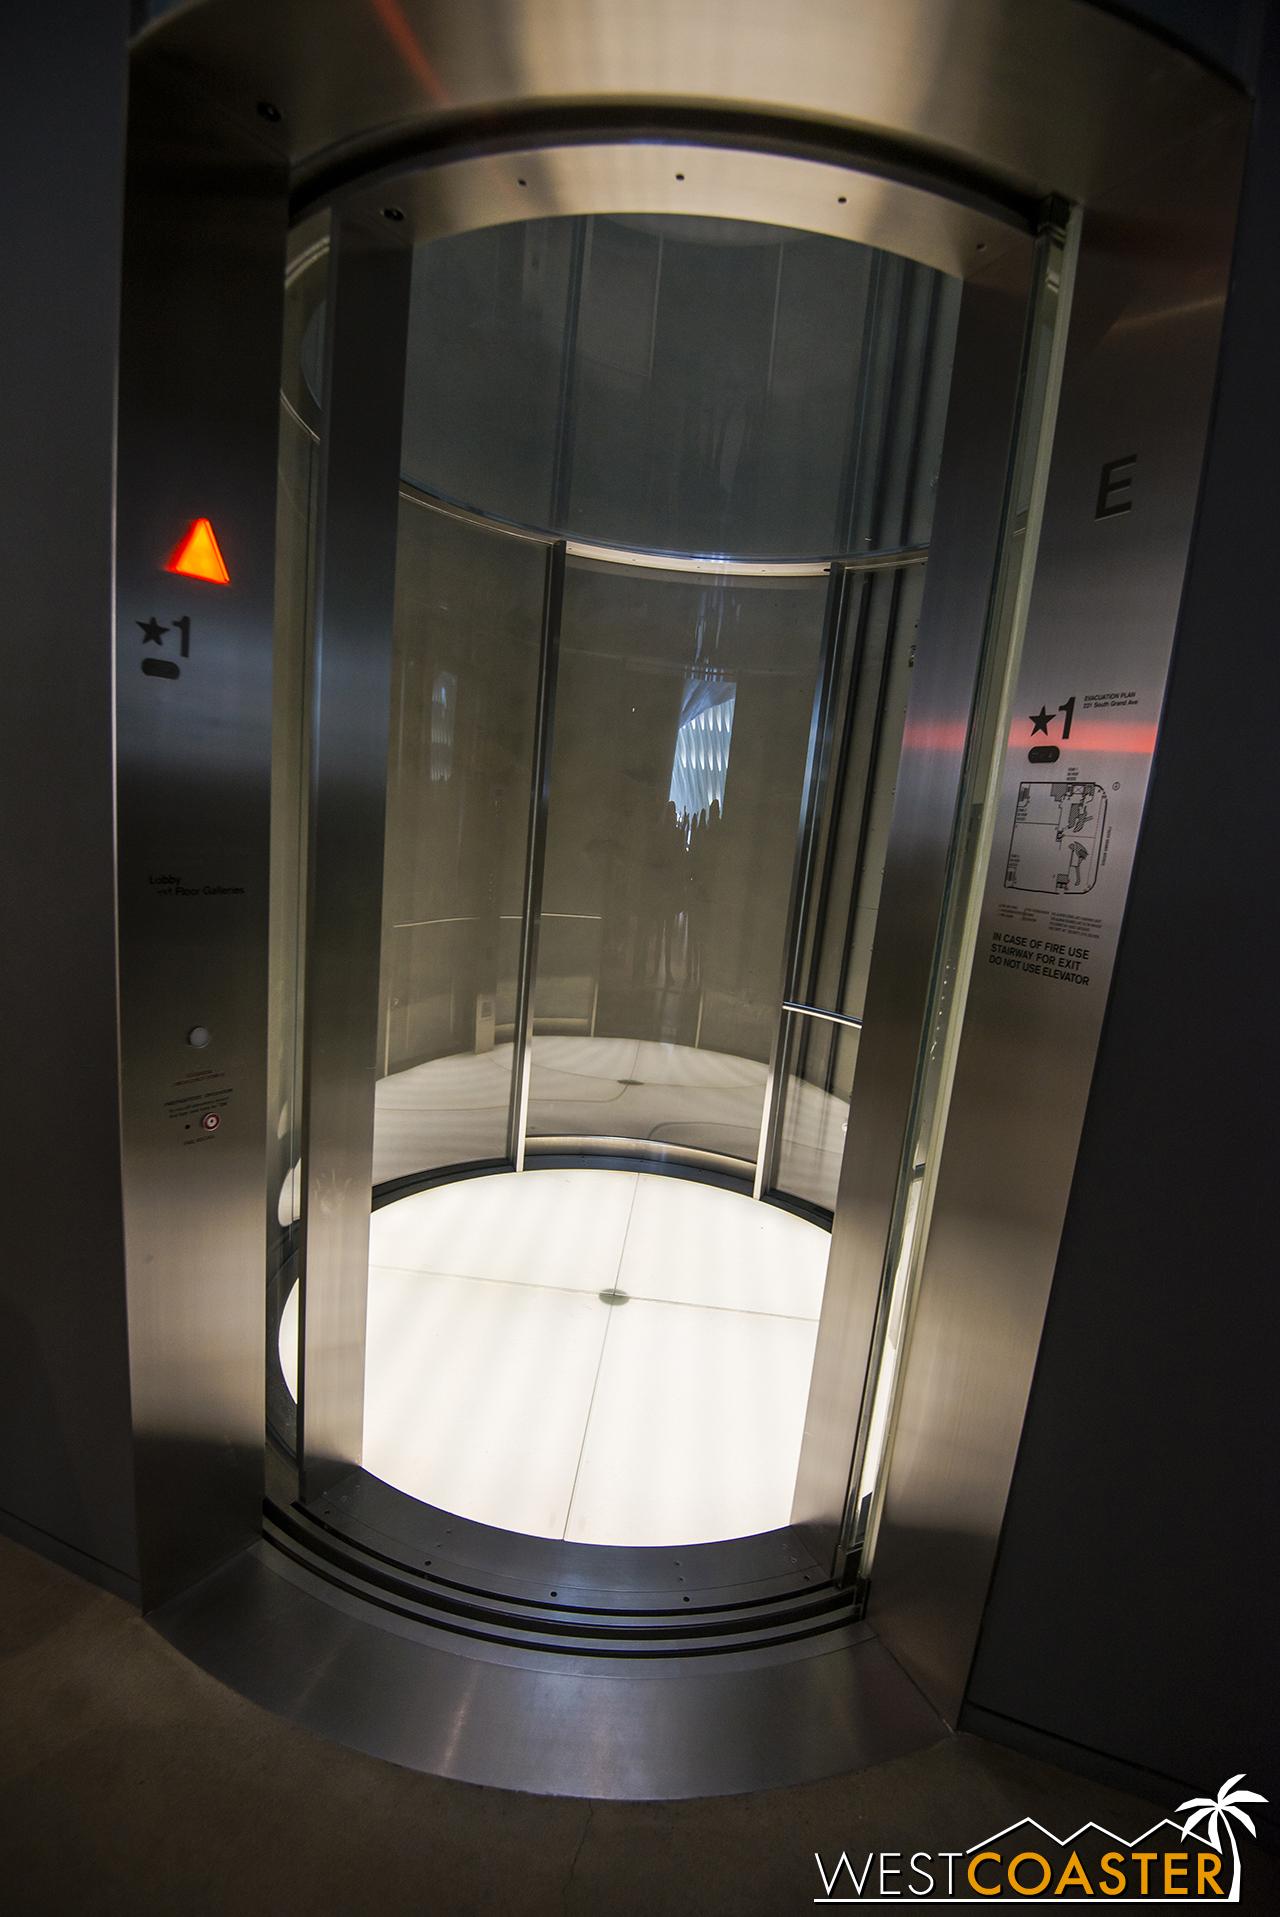 The sleek, cylindrical glass elevator.